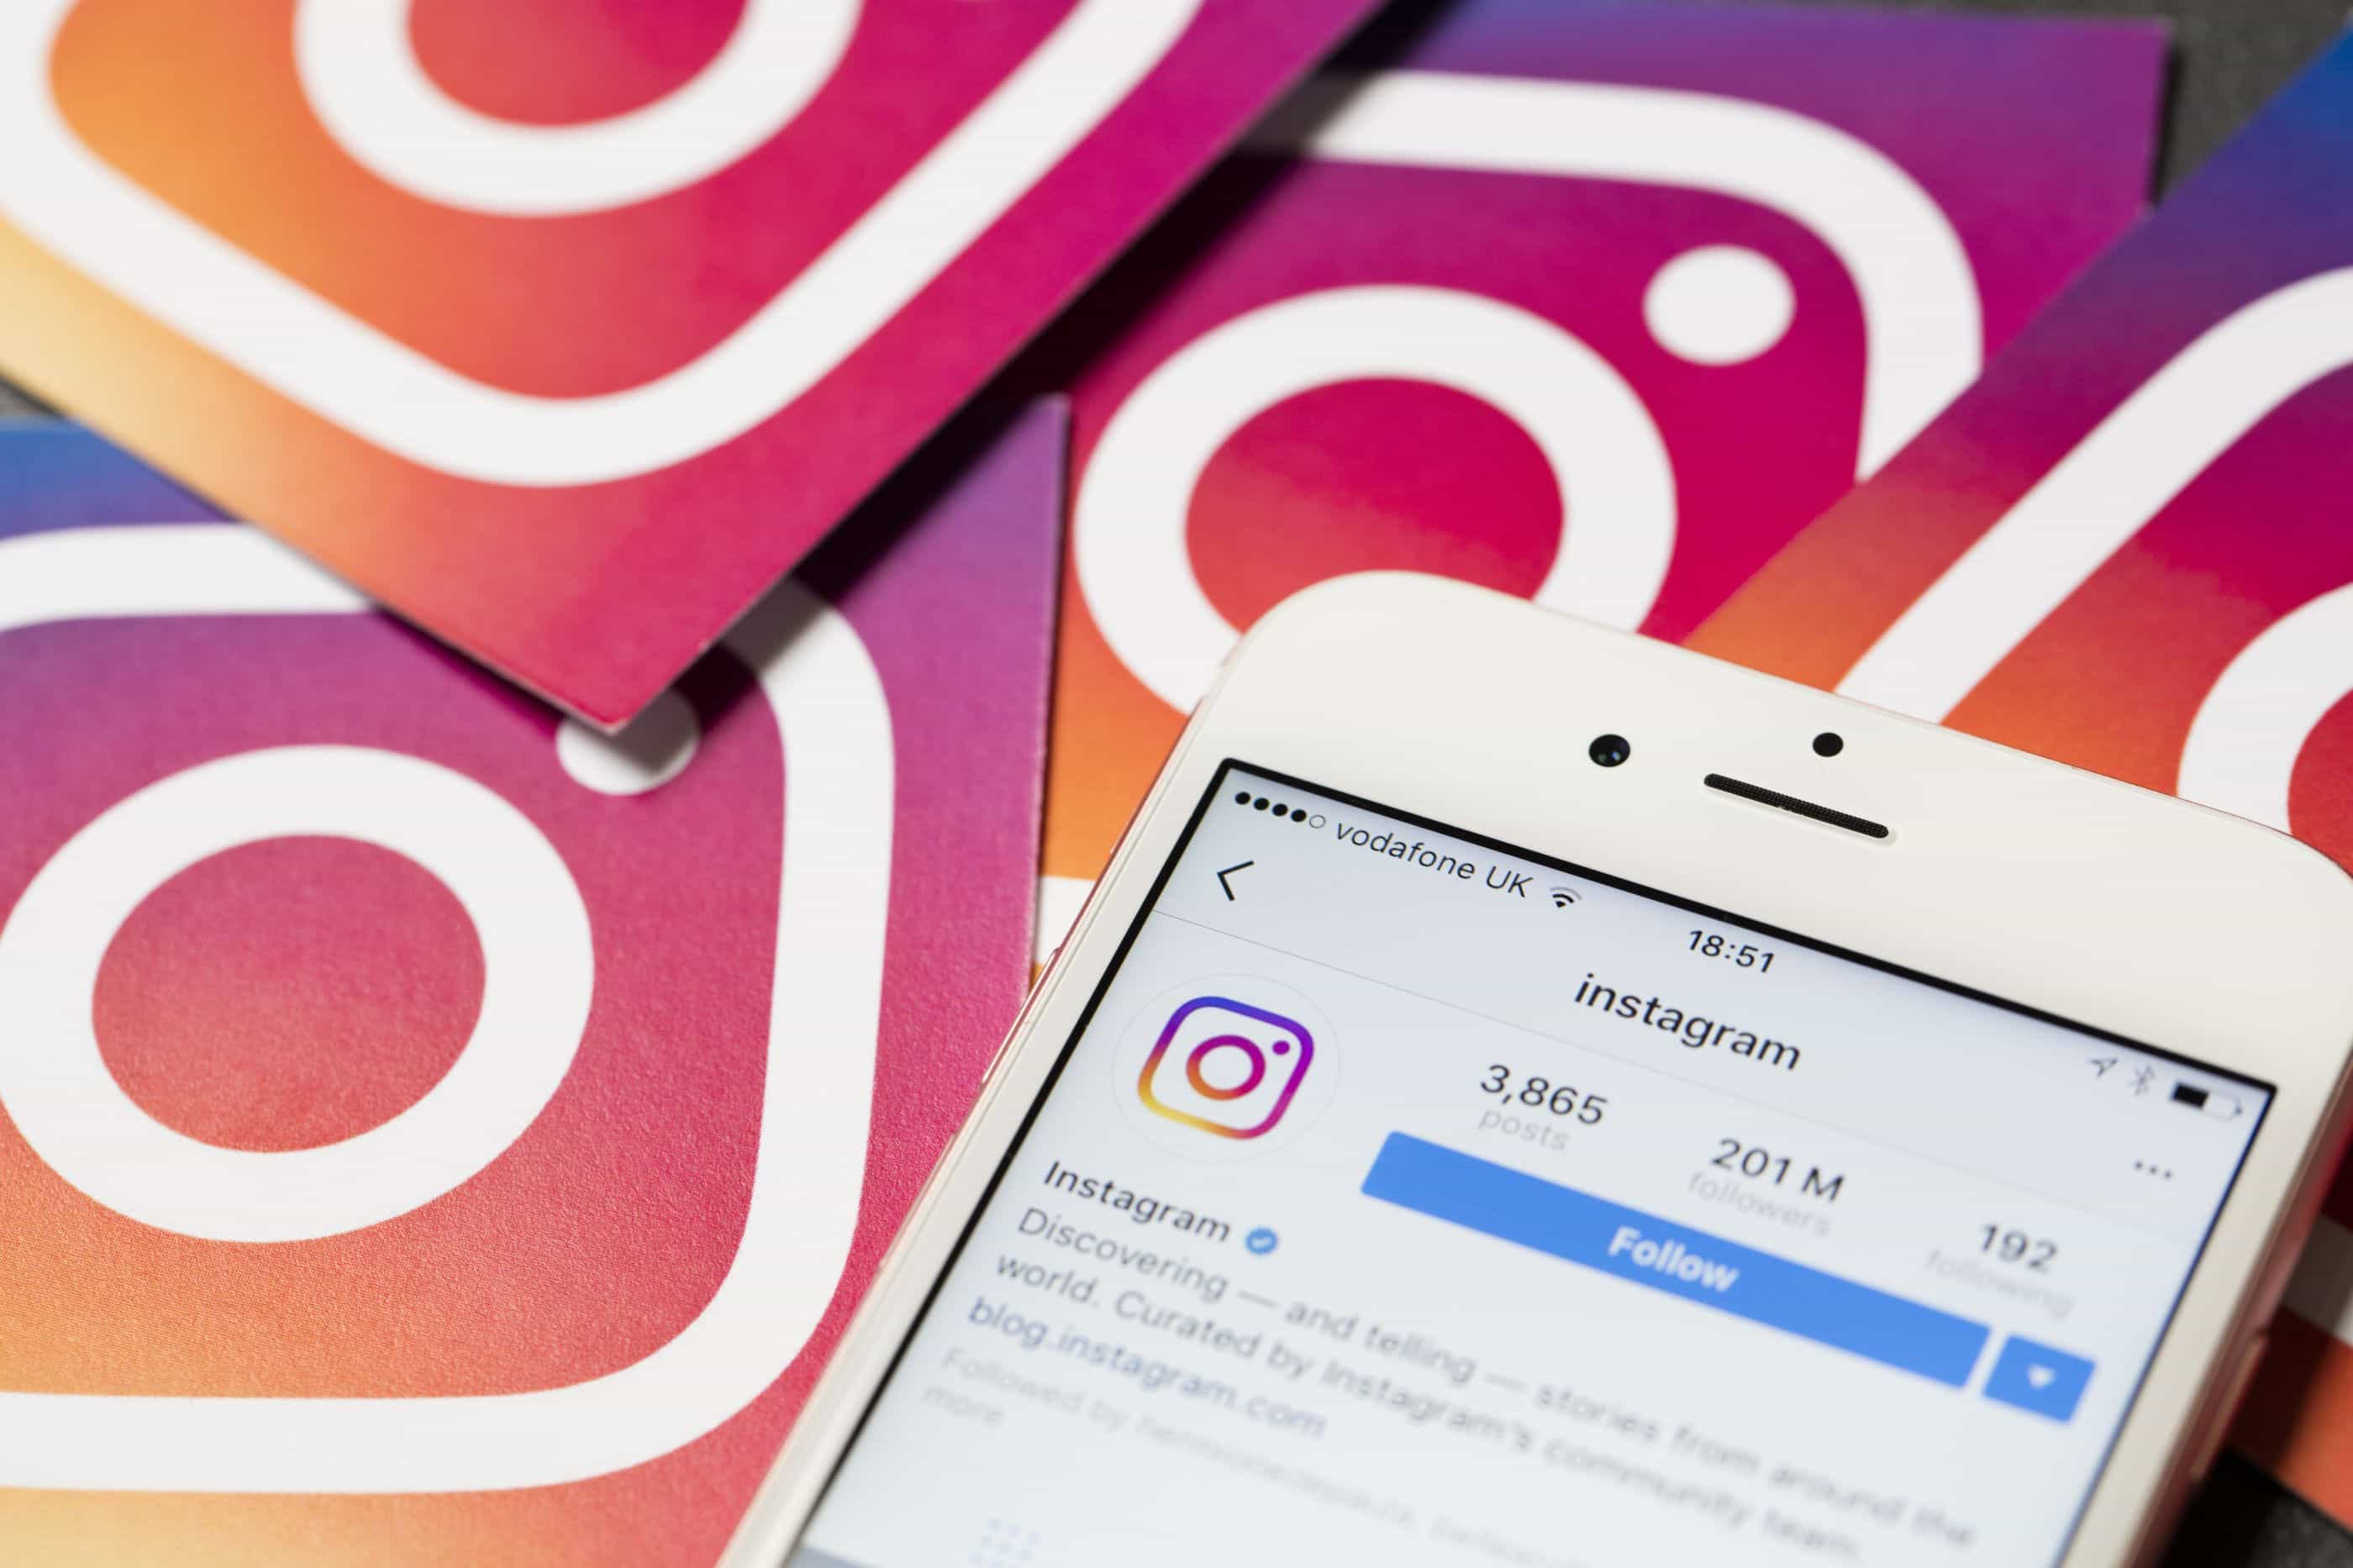 Instagram: Quem são os famosos e as marcas com mais seguidores?